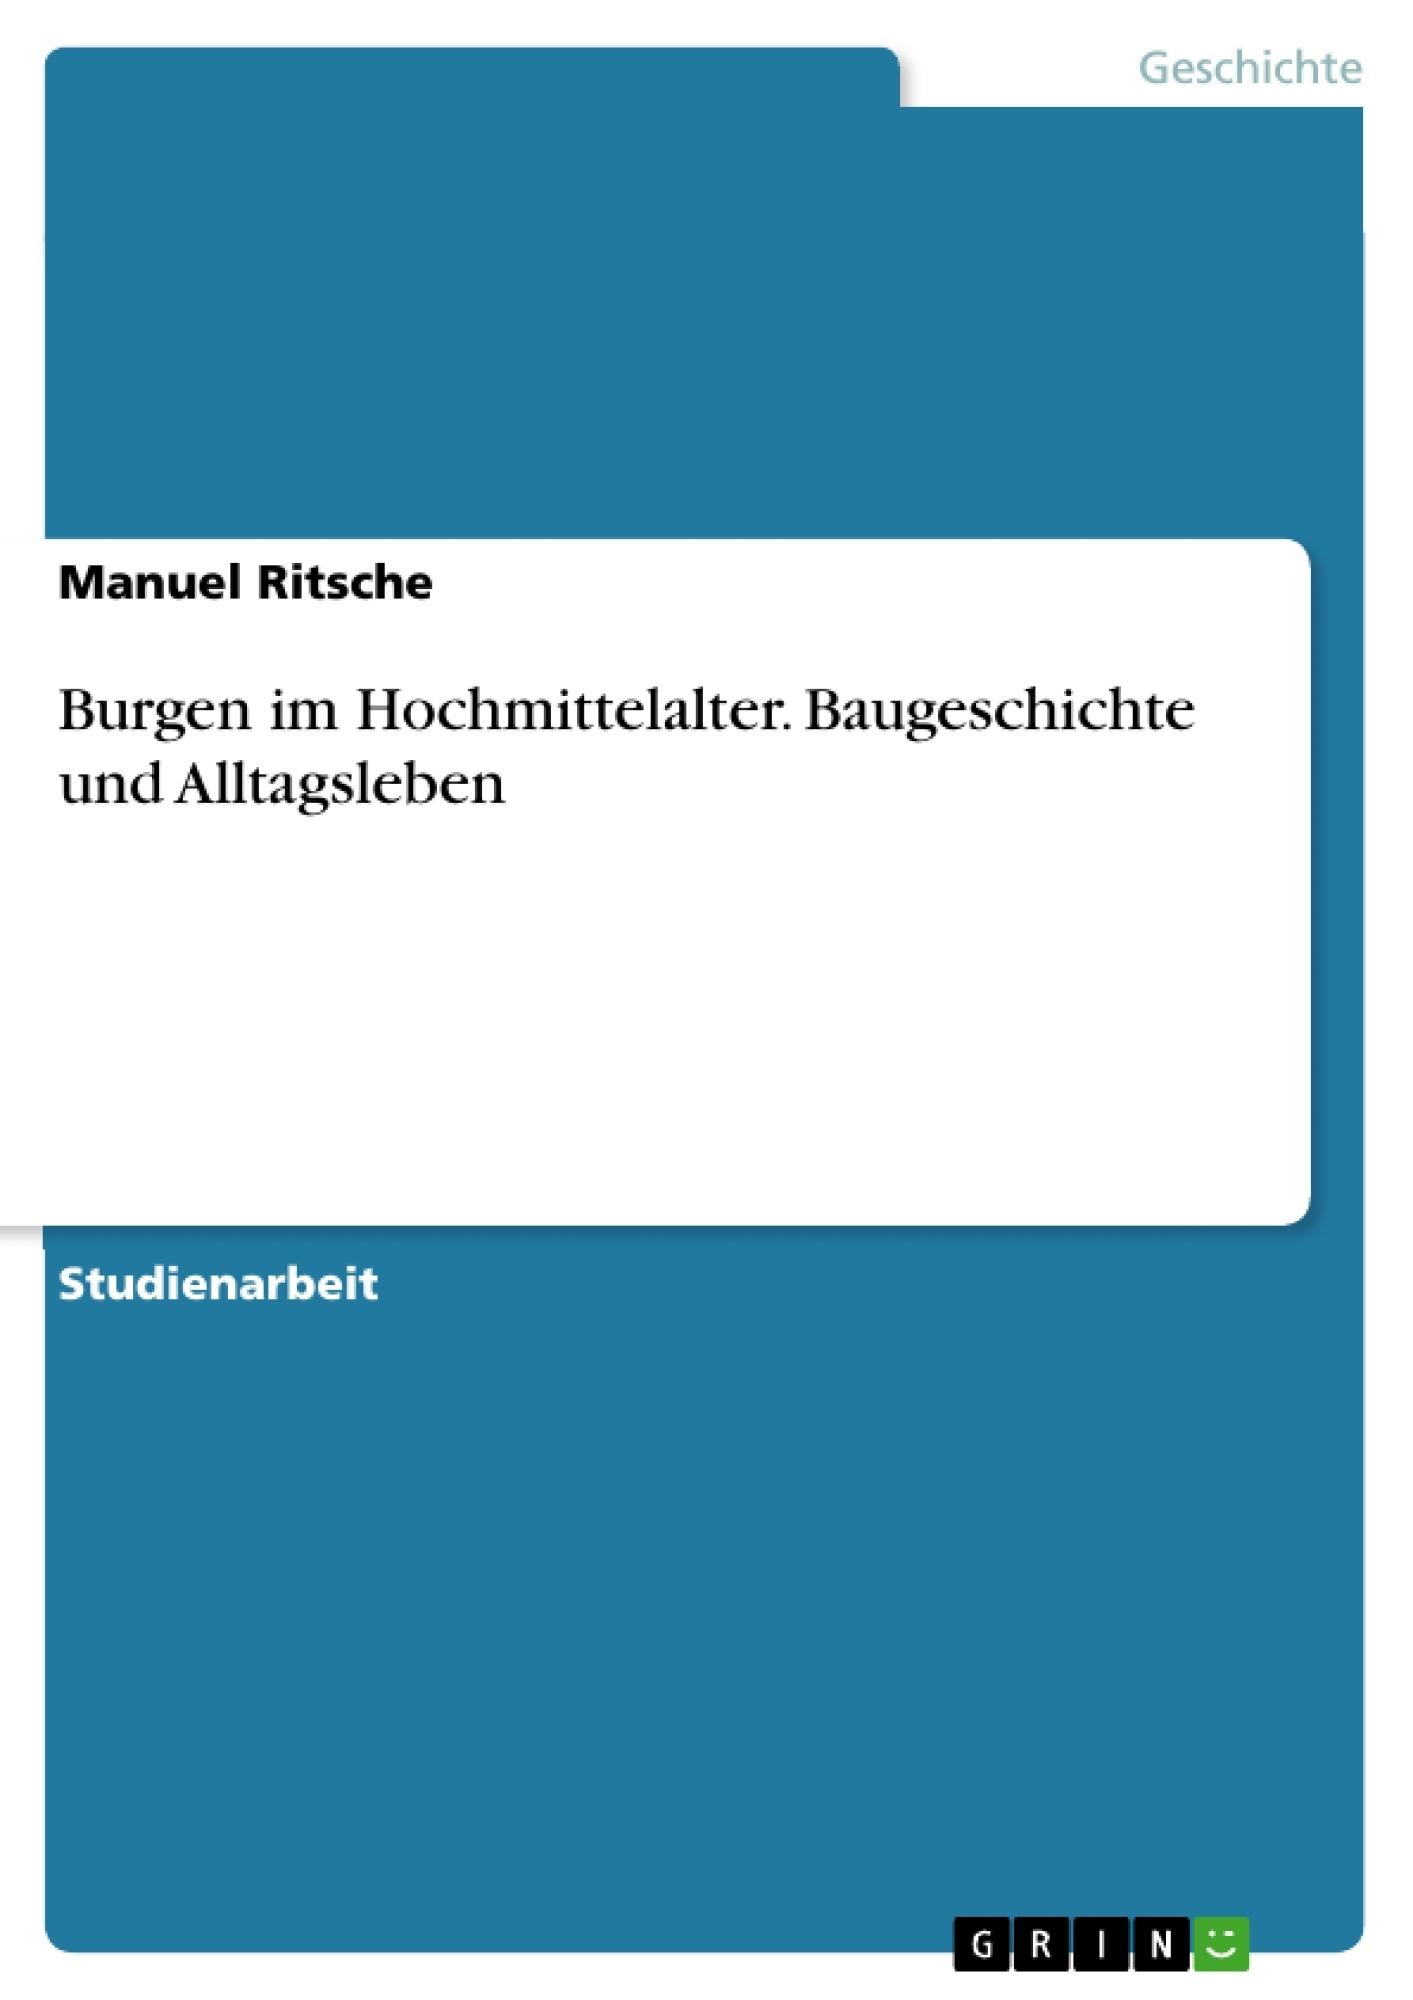 Titel: Burgen im Hochmittelalter. Baugeschichte und Alltagsleben